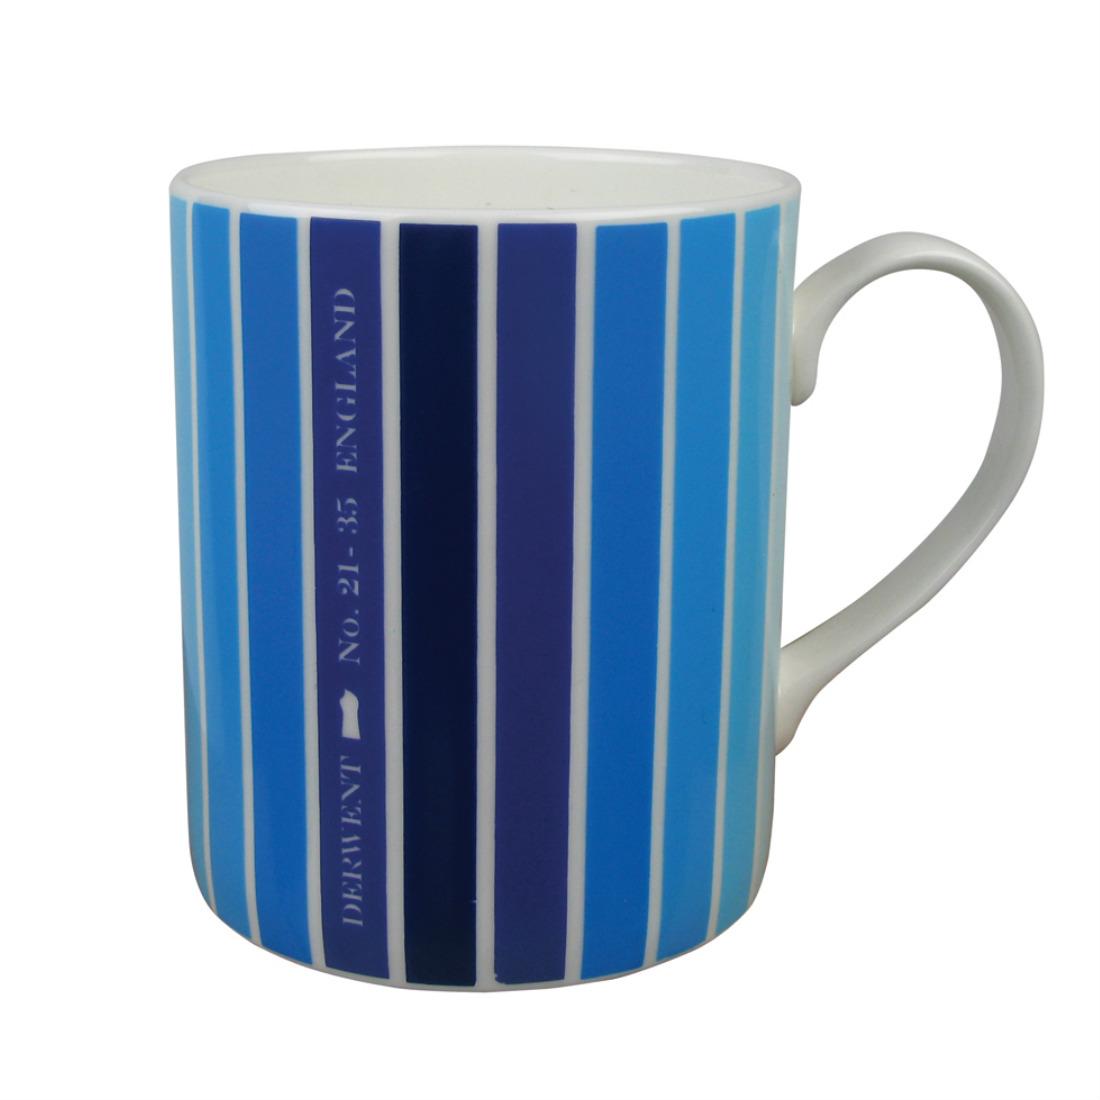 Ombre Mug Blue from mochacasa.com